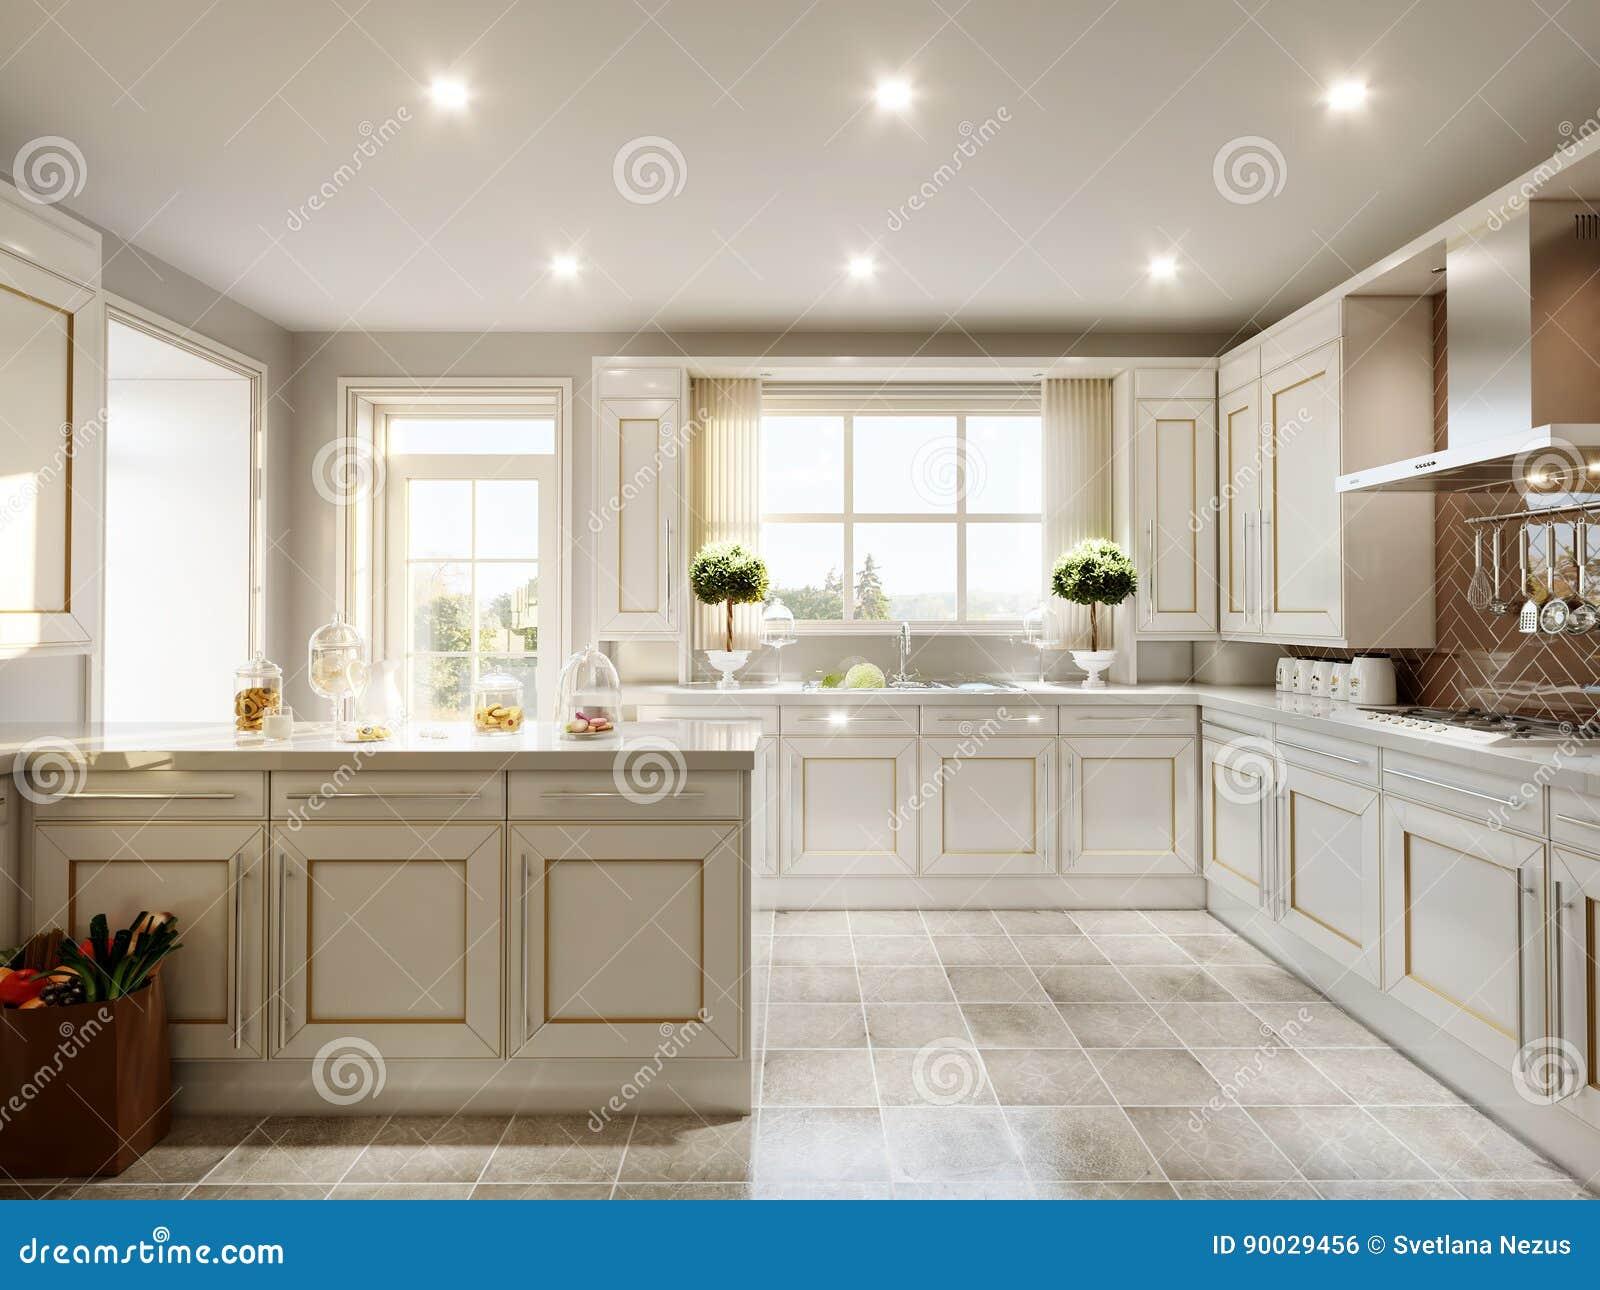 Cozinha Cl Ssica Inglesa Moderna Do Estilo Ilustra O Stock